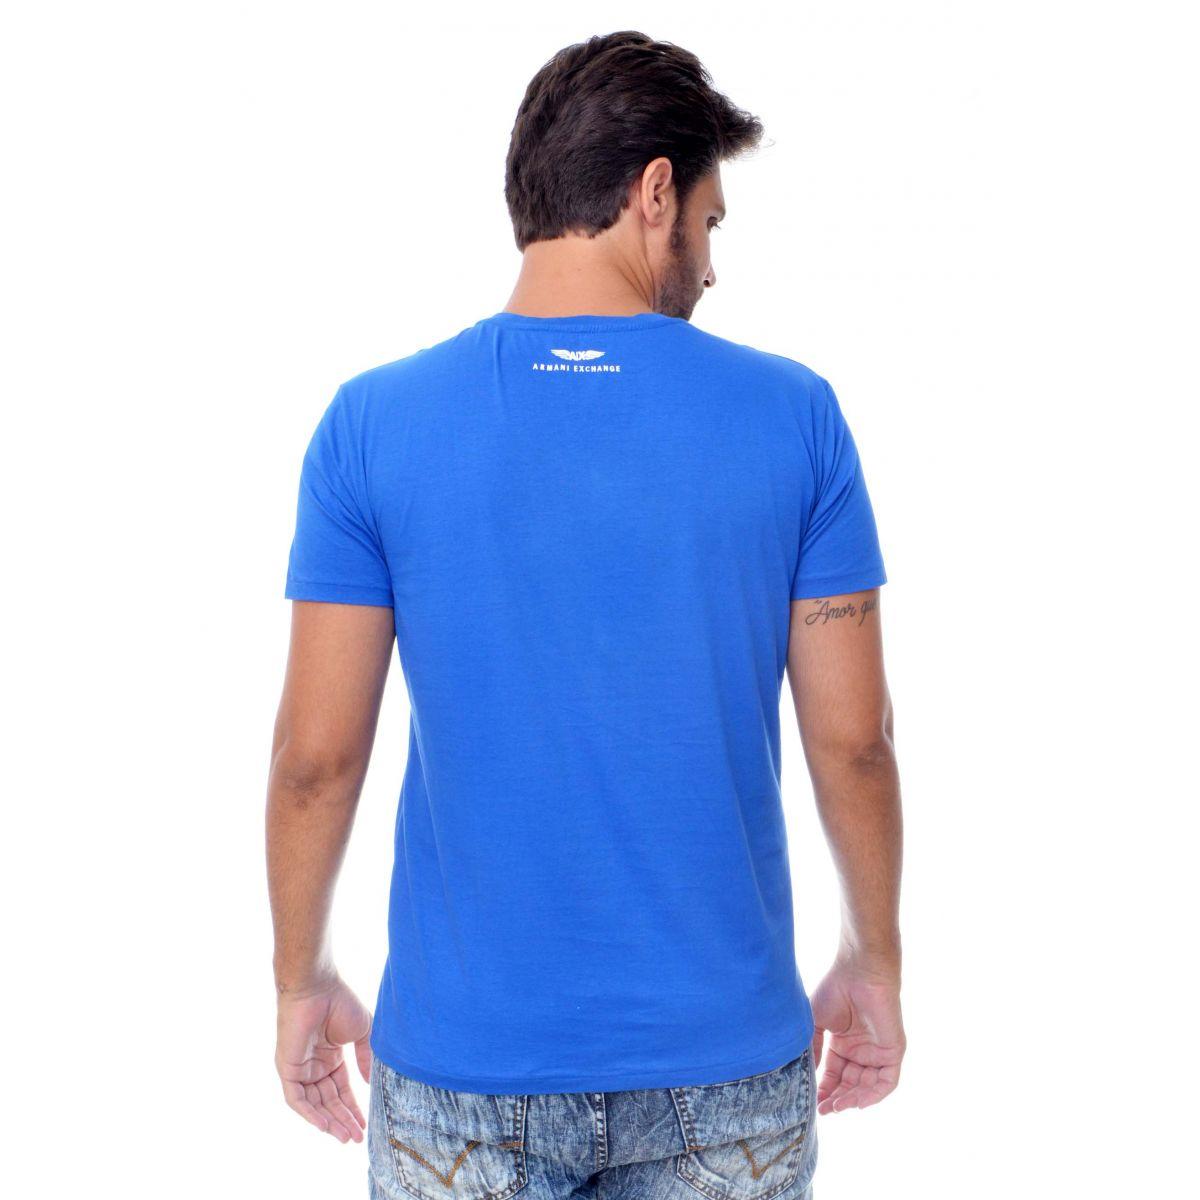 Camiseta Armani Exchange  Logo Detail Azul  - Ca Brasileira